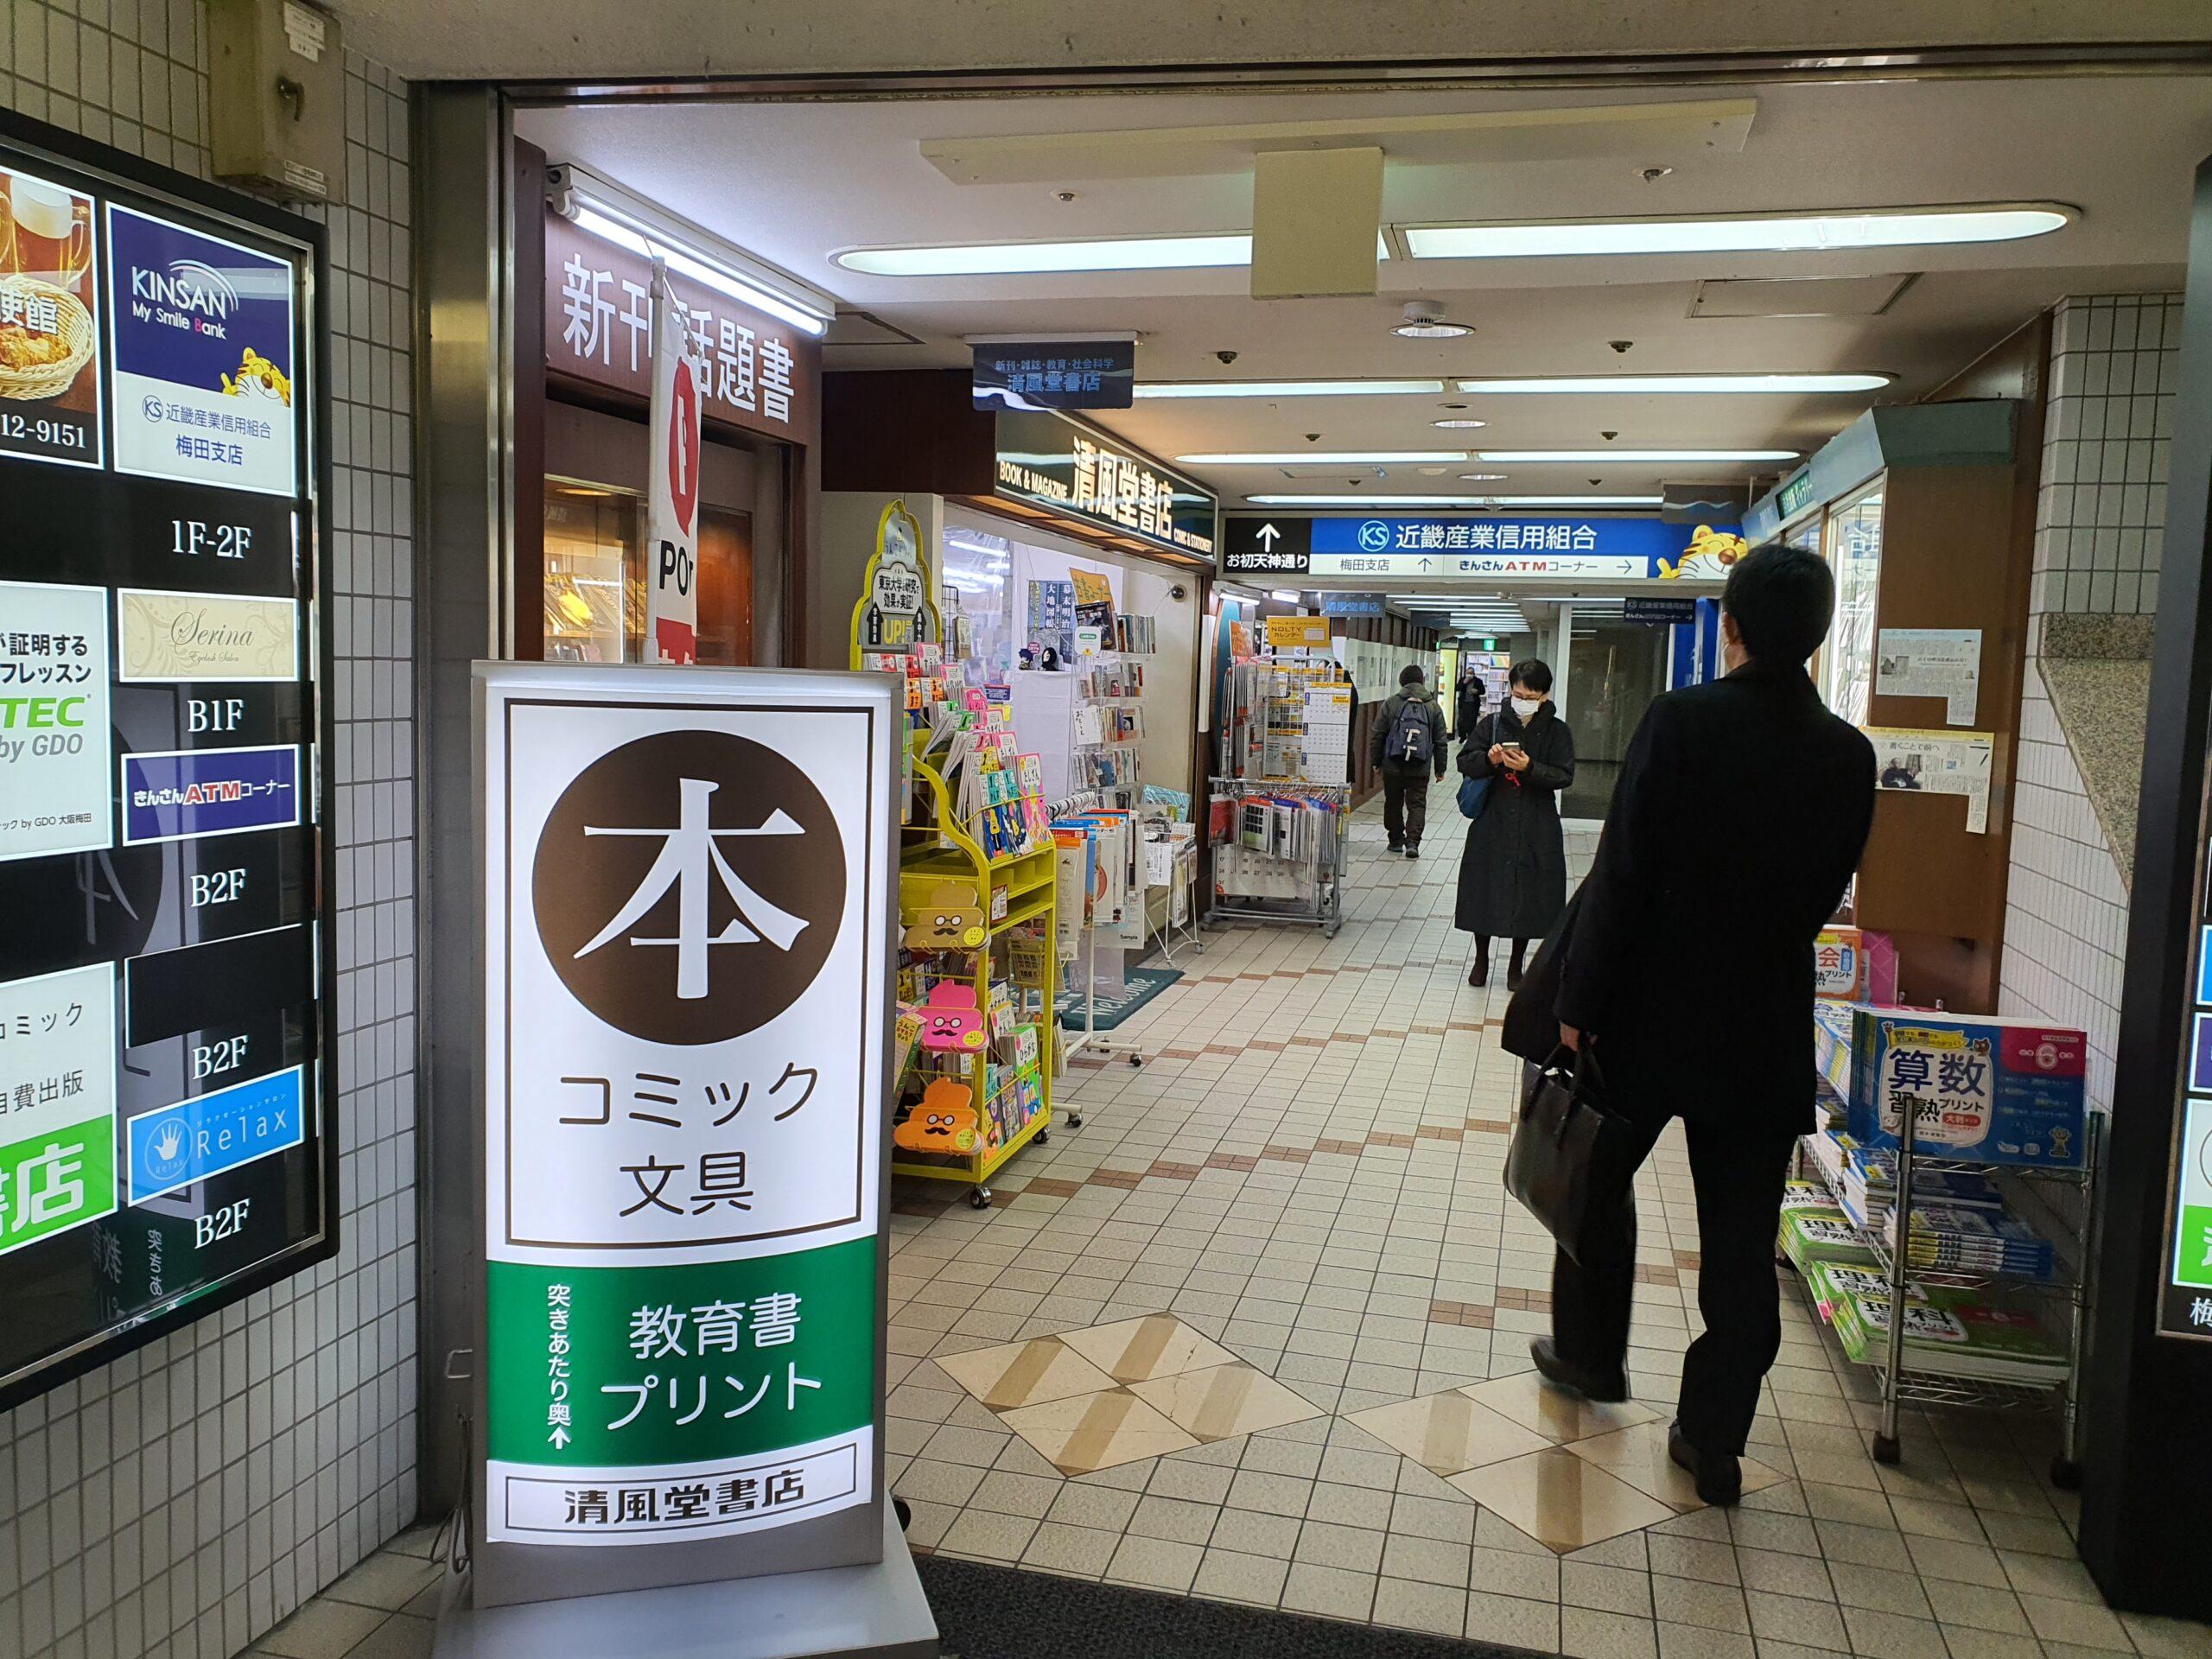 ふたばの本が梅田の清風堂に平積みされてました〜♪